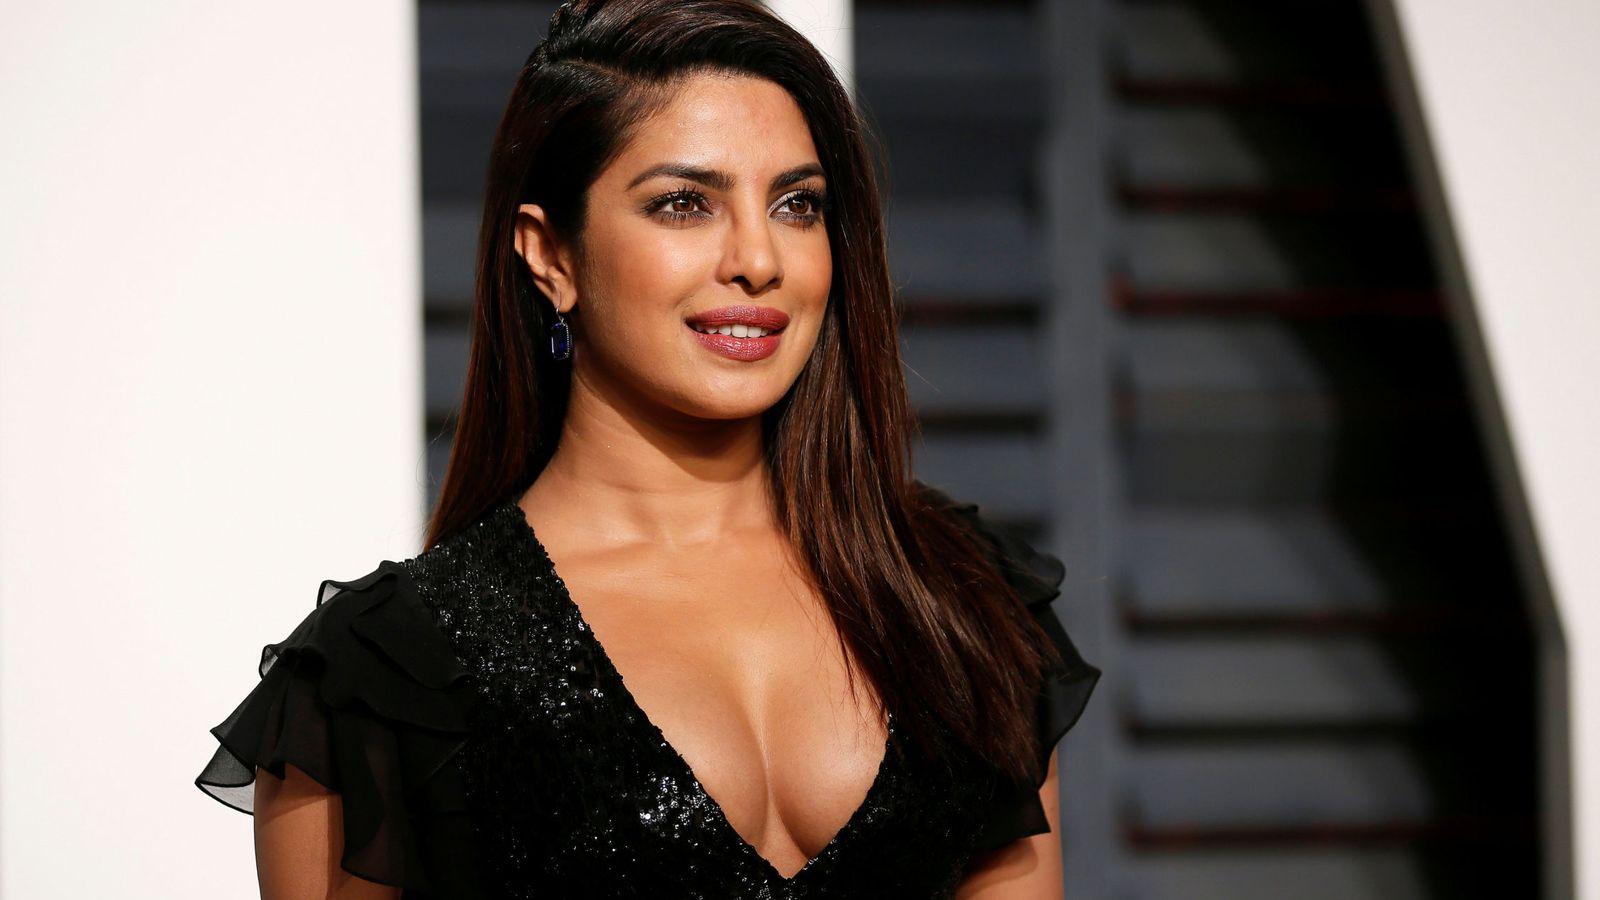 Adelgazar sin pasar hambre: así se consigue el cuerpo perfecto de Priyanka Chopra